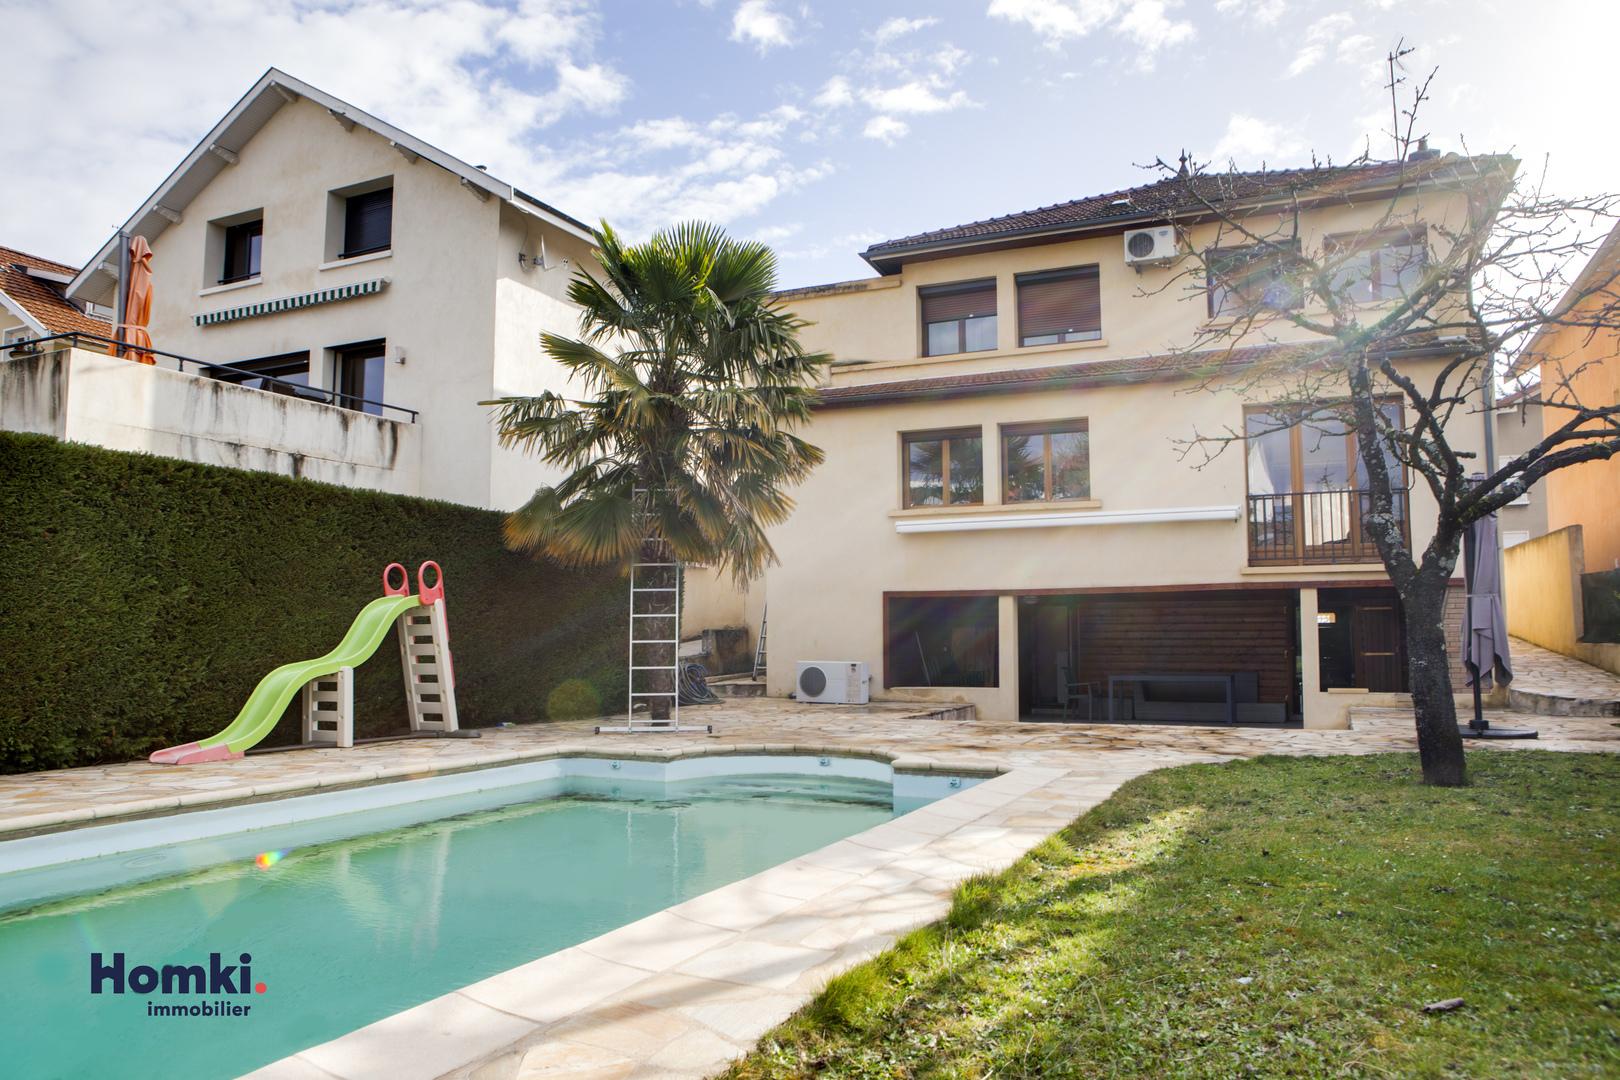 Maison I 150 m² I T4/5 I 69500 | photo 1